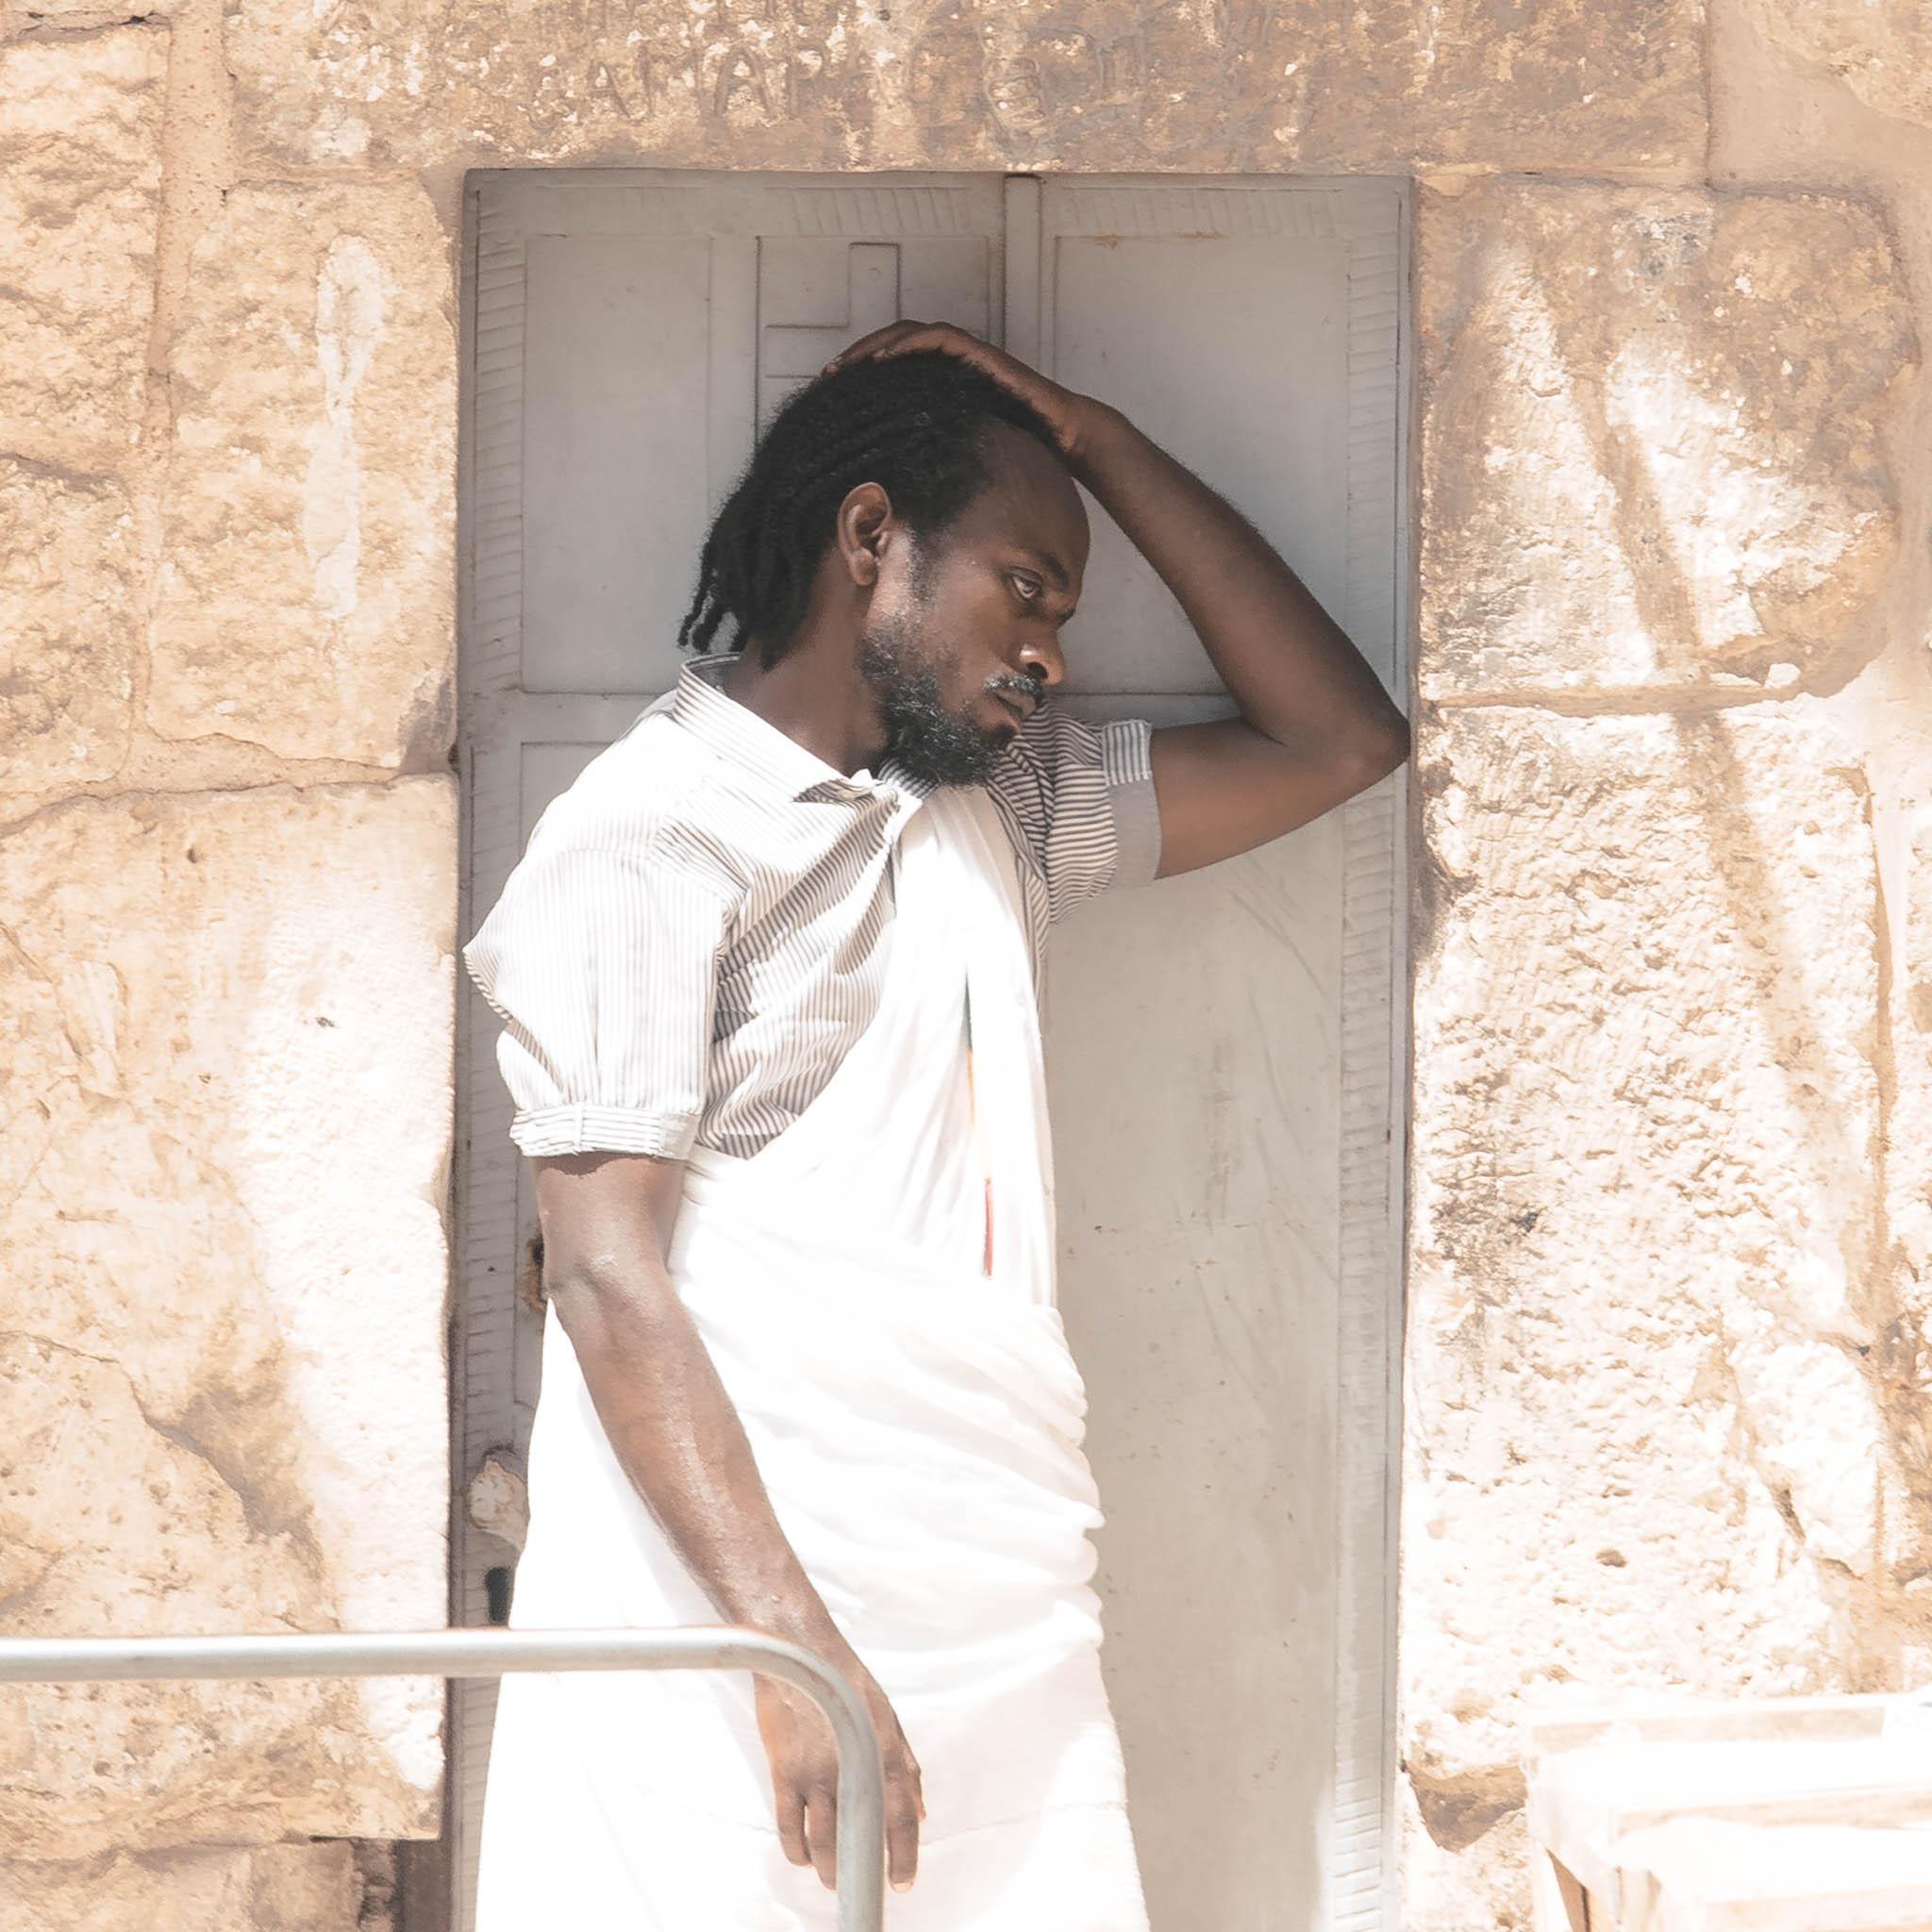 Прихожанин у Храма Гроба Господня, Иерусалим. Страстная пятница